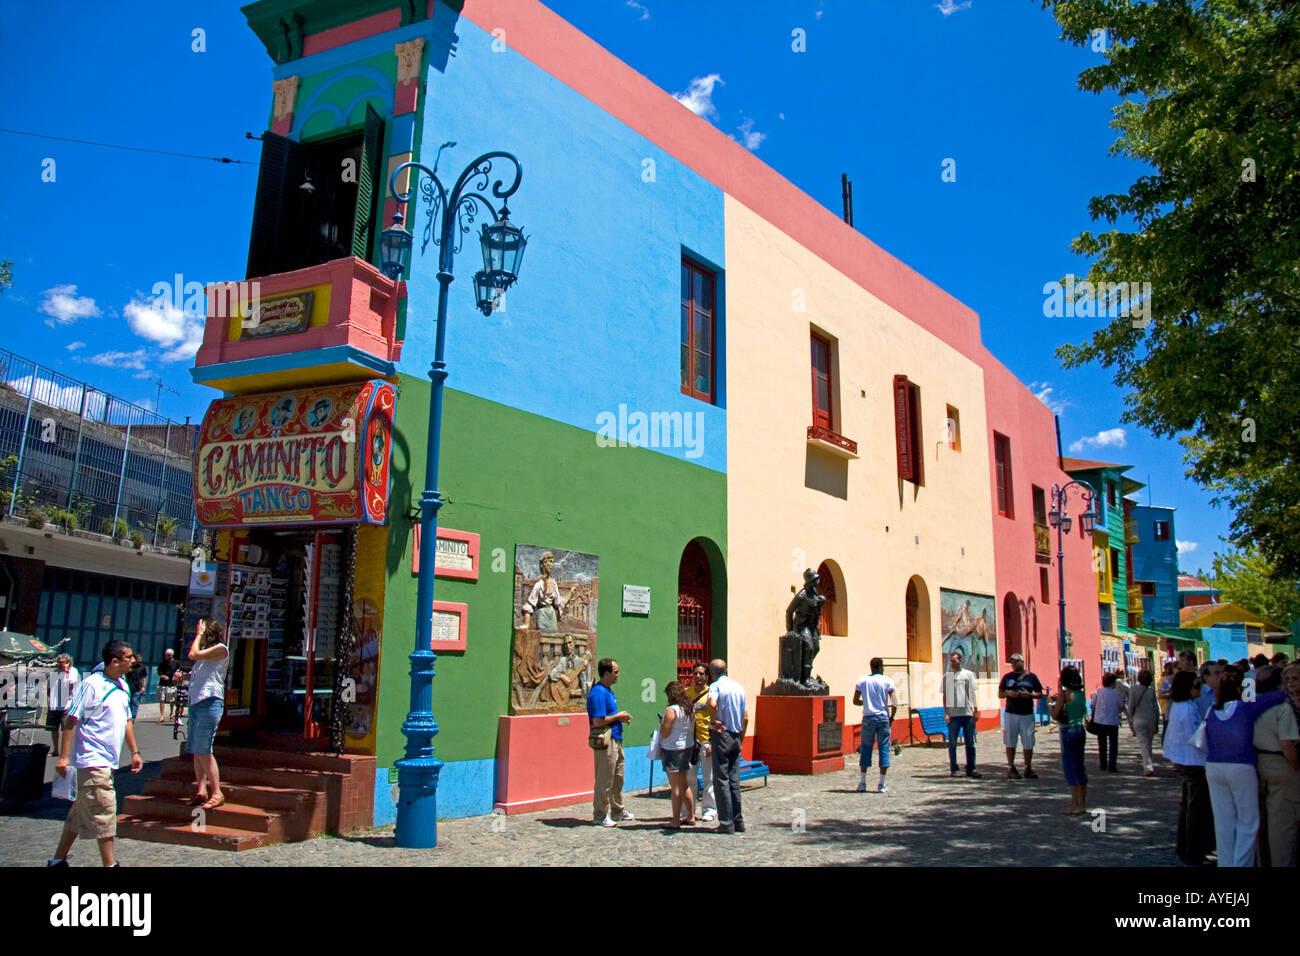 Los coloridos edificios en el Caminito en el barrio de La Boca Buenos Aires Argentina Imagen De Stock